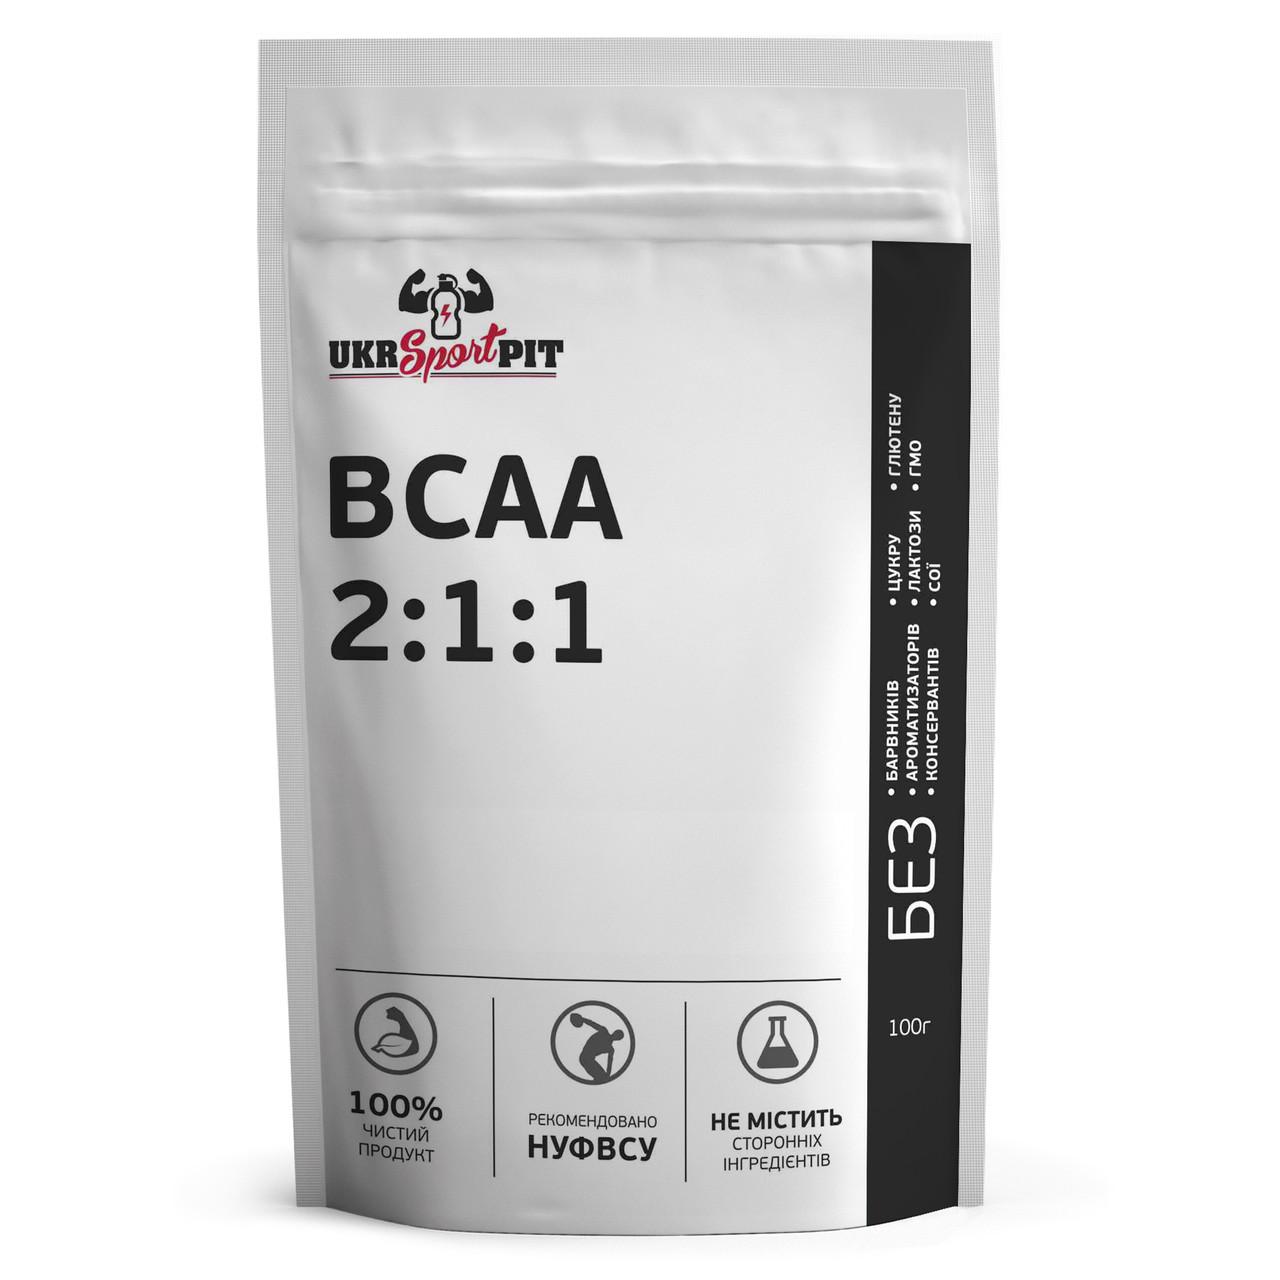 BCAA 2:1:1 (микропомол, в чистом виде) 100 г Без вкусовых добавок, 300 г